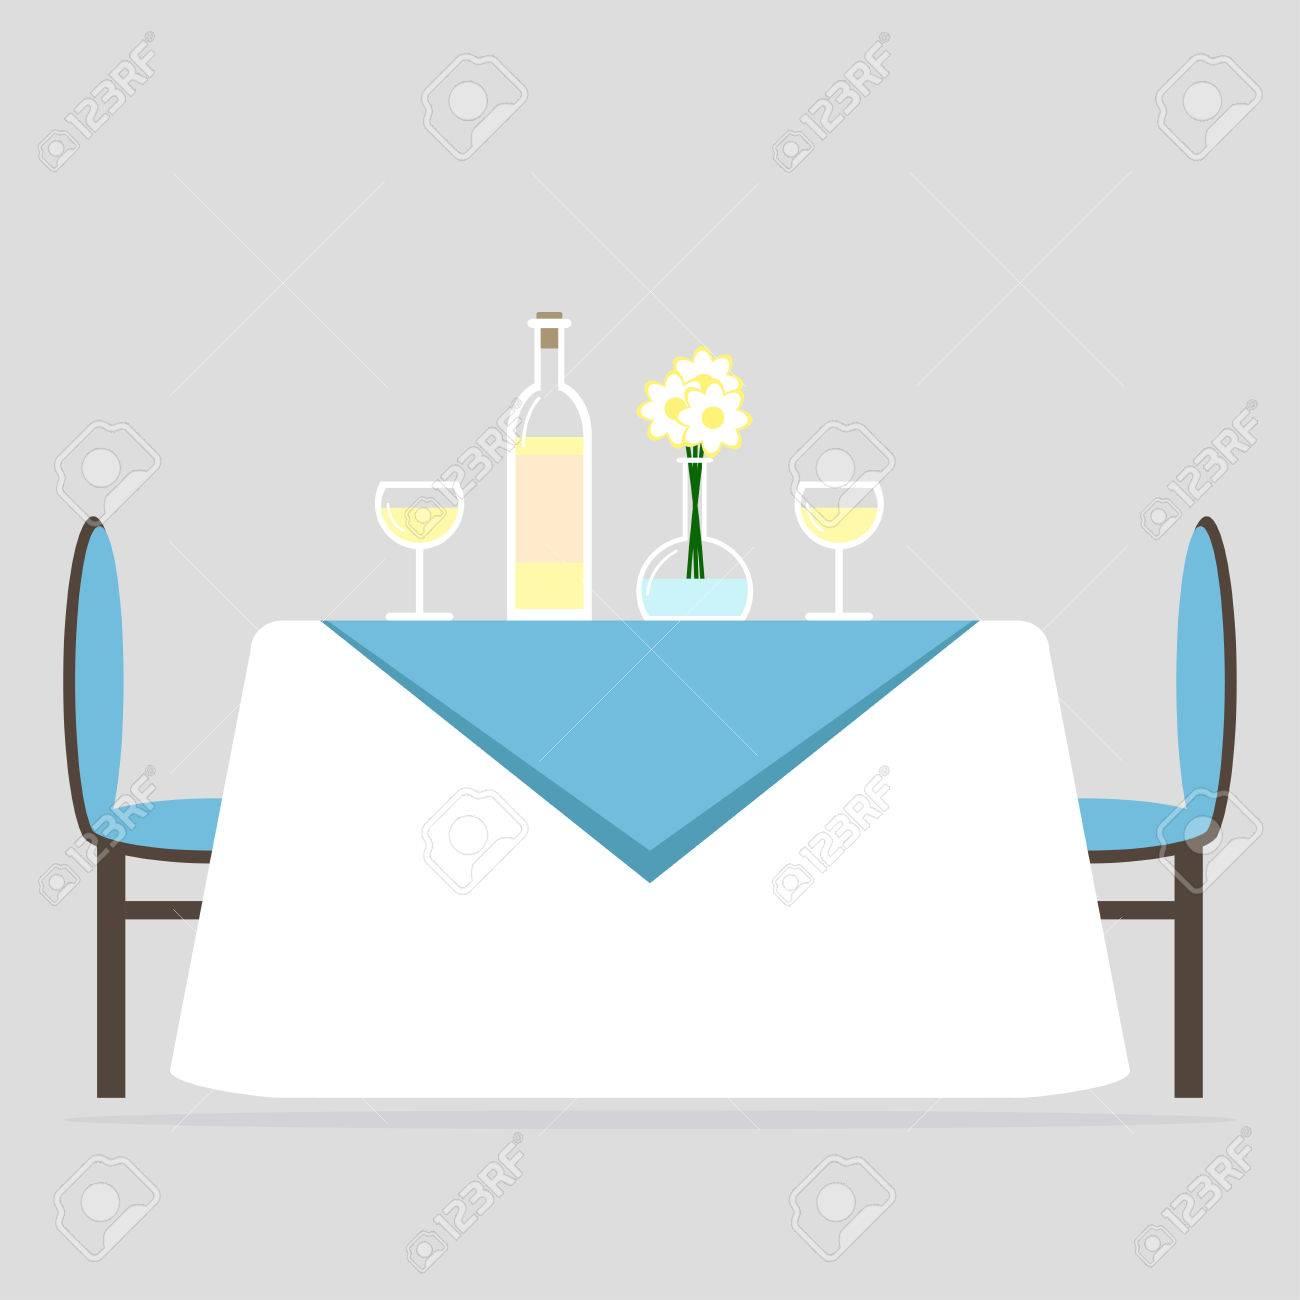 Style Salle Deux De À Et Nappe Manger Plat Avec Romantique Design Dîner Pour ChaisesLe Illustration D'intérieurUn DeuxTable nwOkX0P8